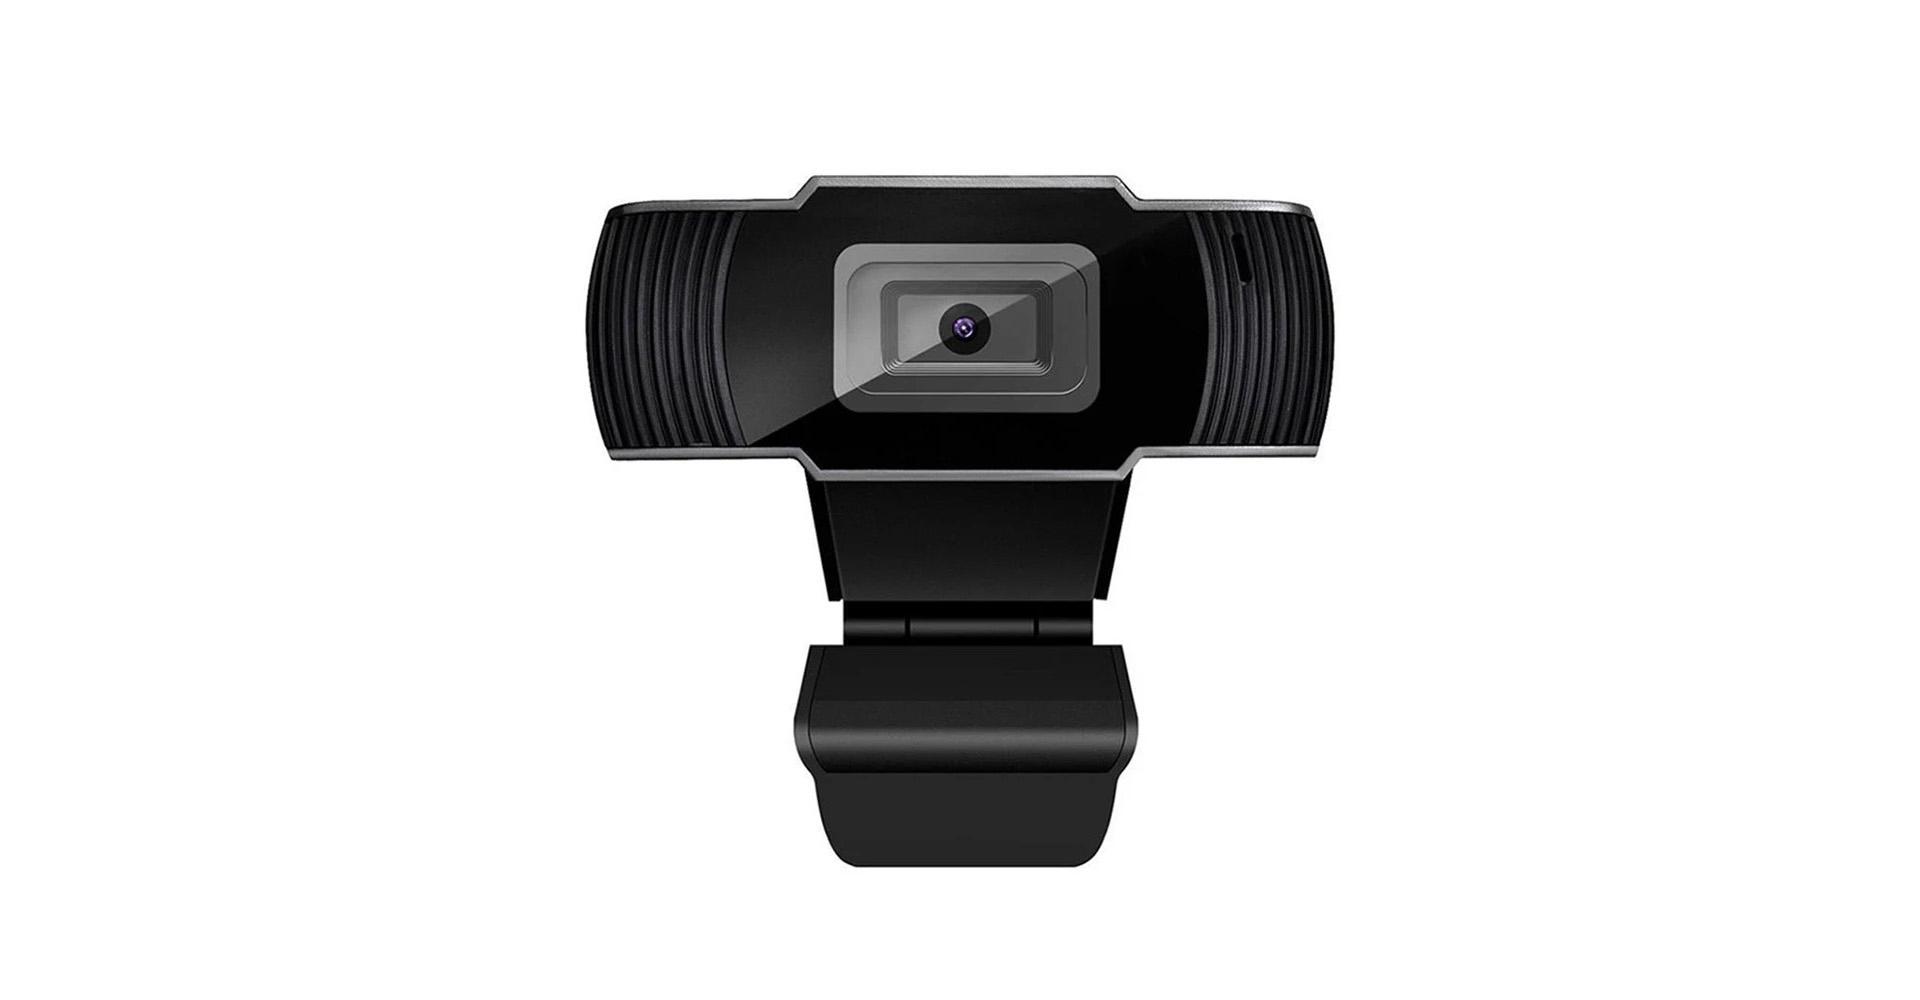 Kupte si Full HD webkameru k počítači jen za 280 Kč nyní v akci! [sponzorovaný článek]